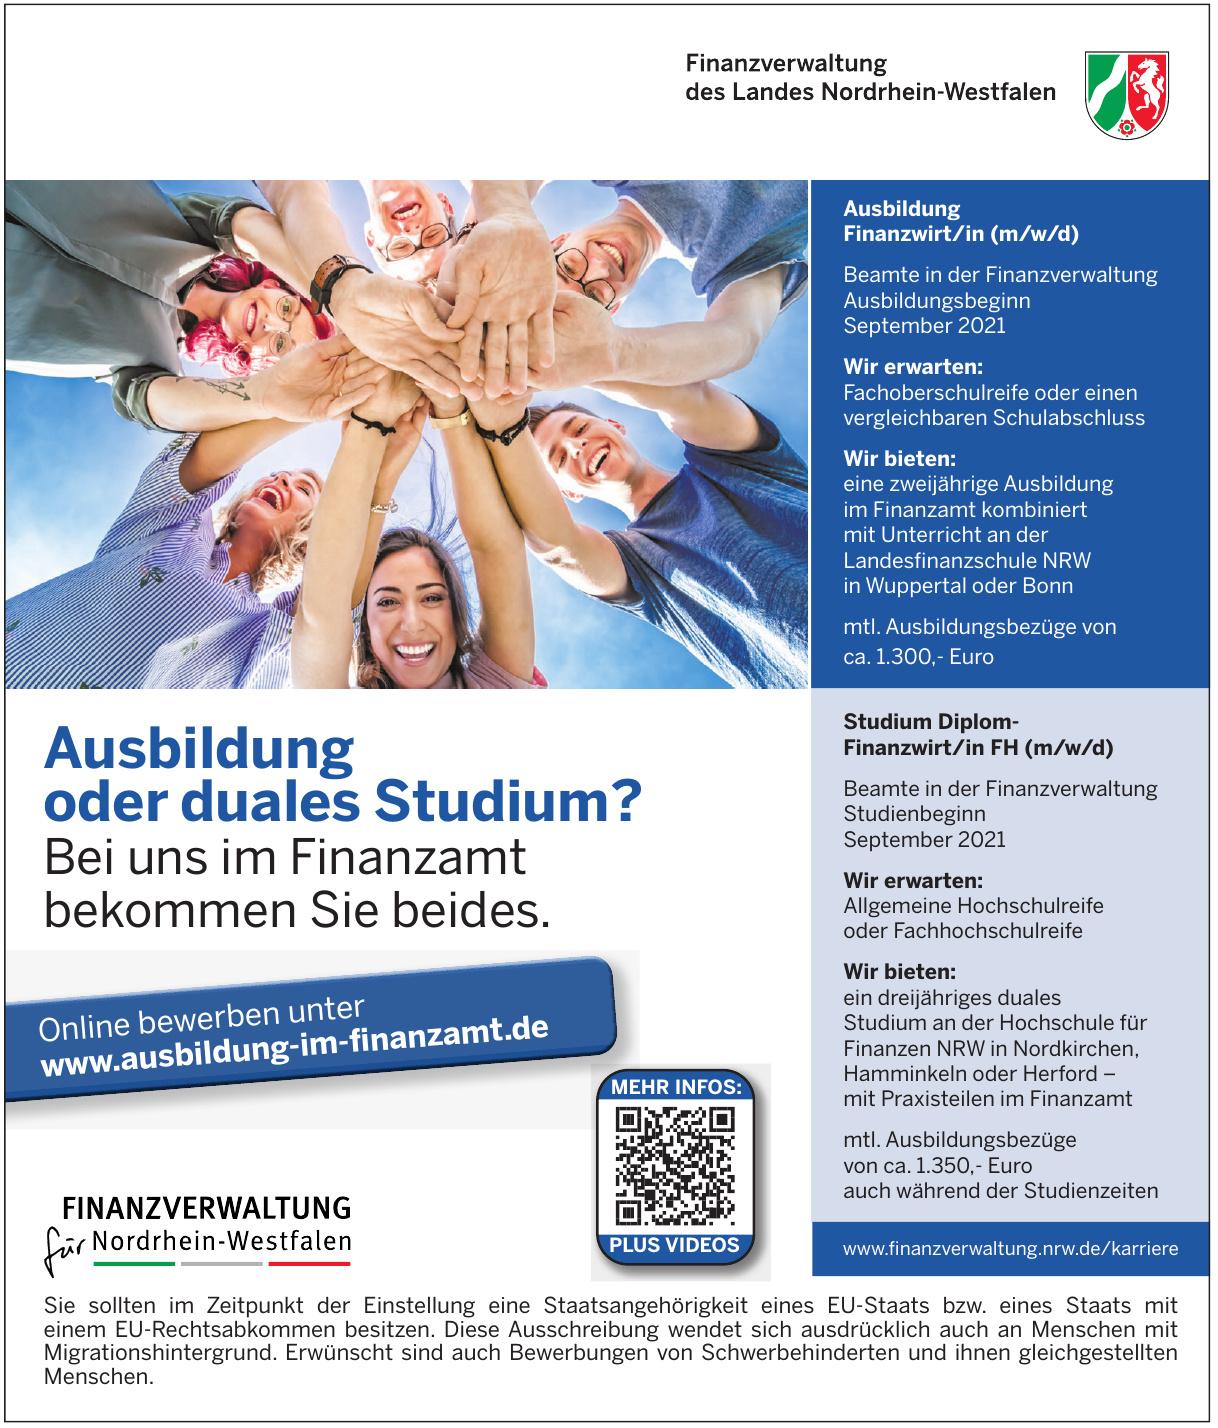 Finanzverwaltung des Landes Nordrhein-Westfalen